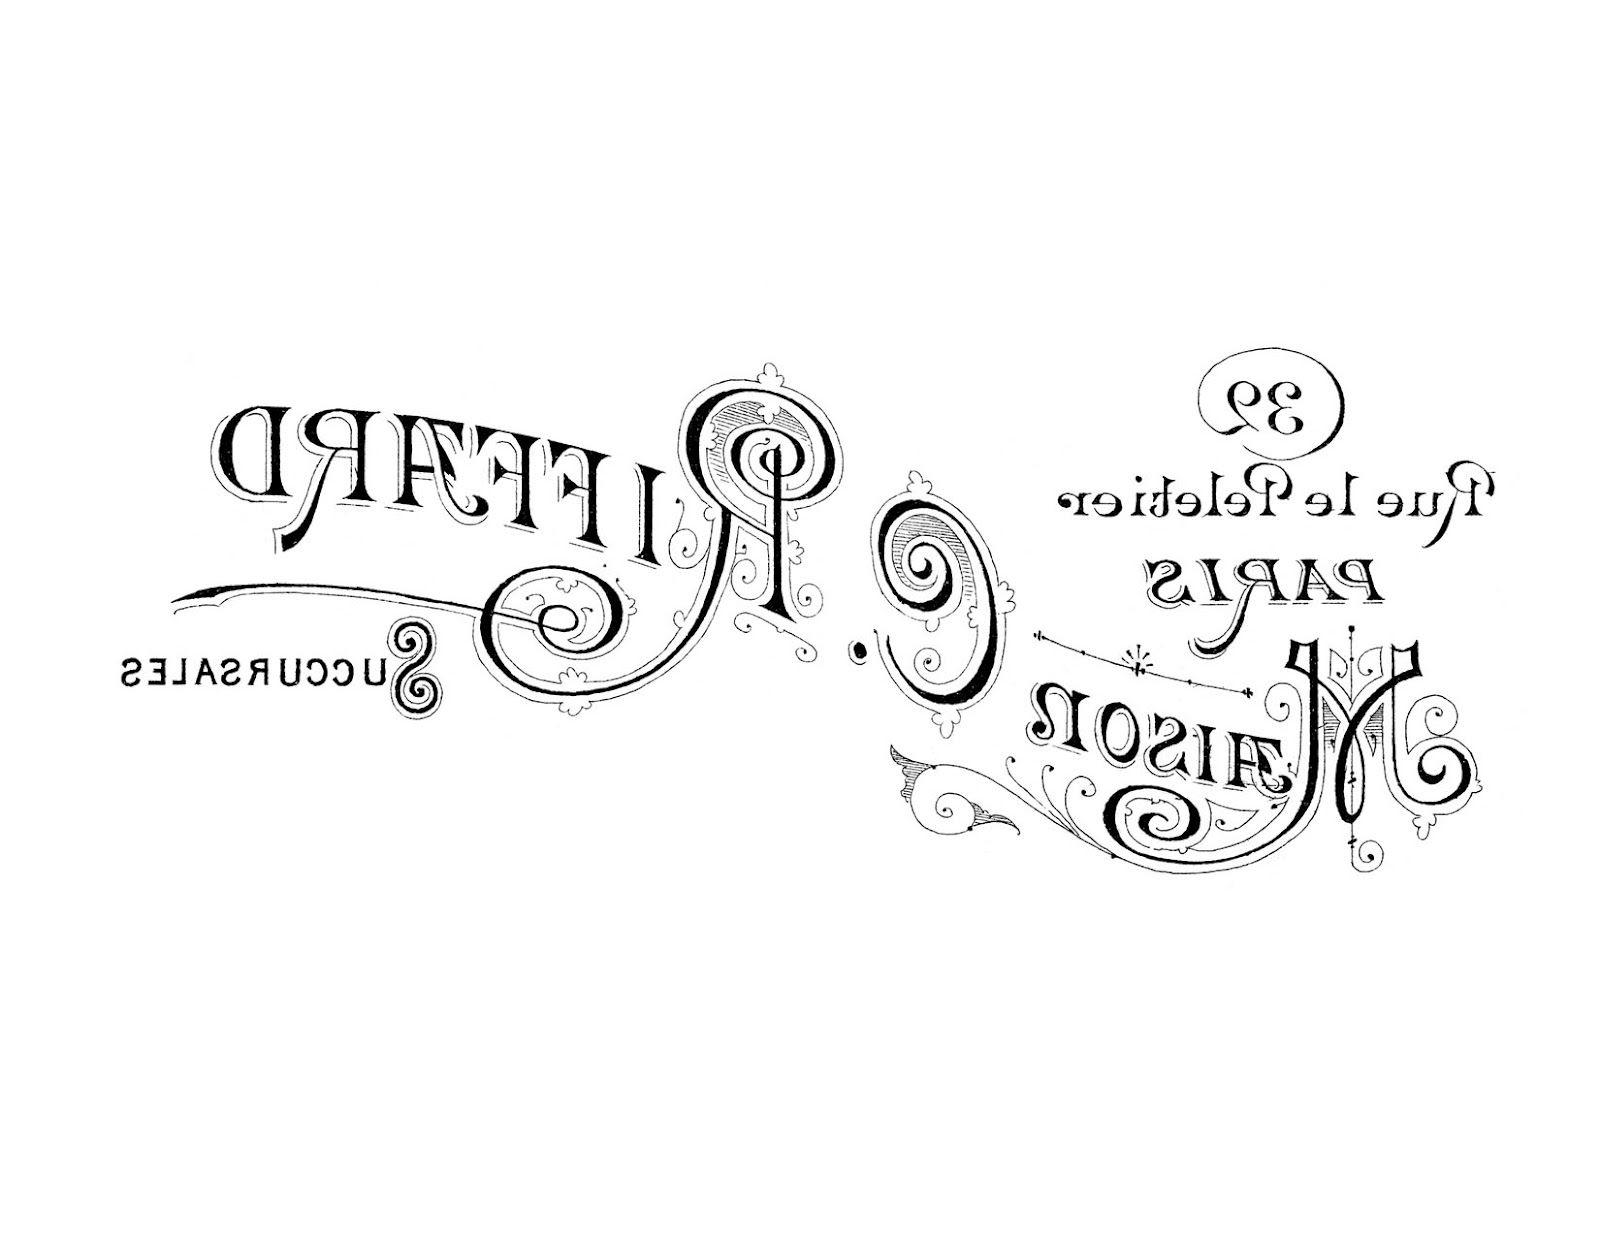 Resultado de imagen para graphic fairy frases pintura for Invertir imagen espejo